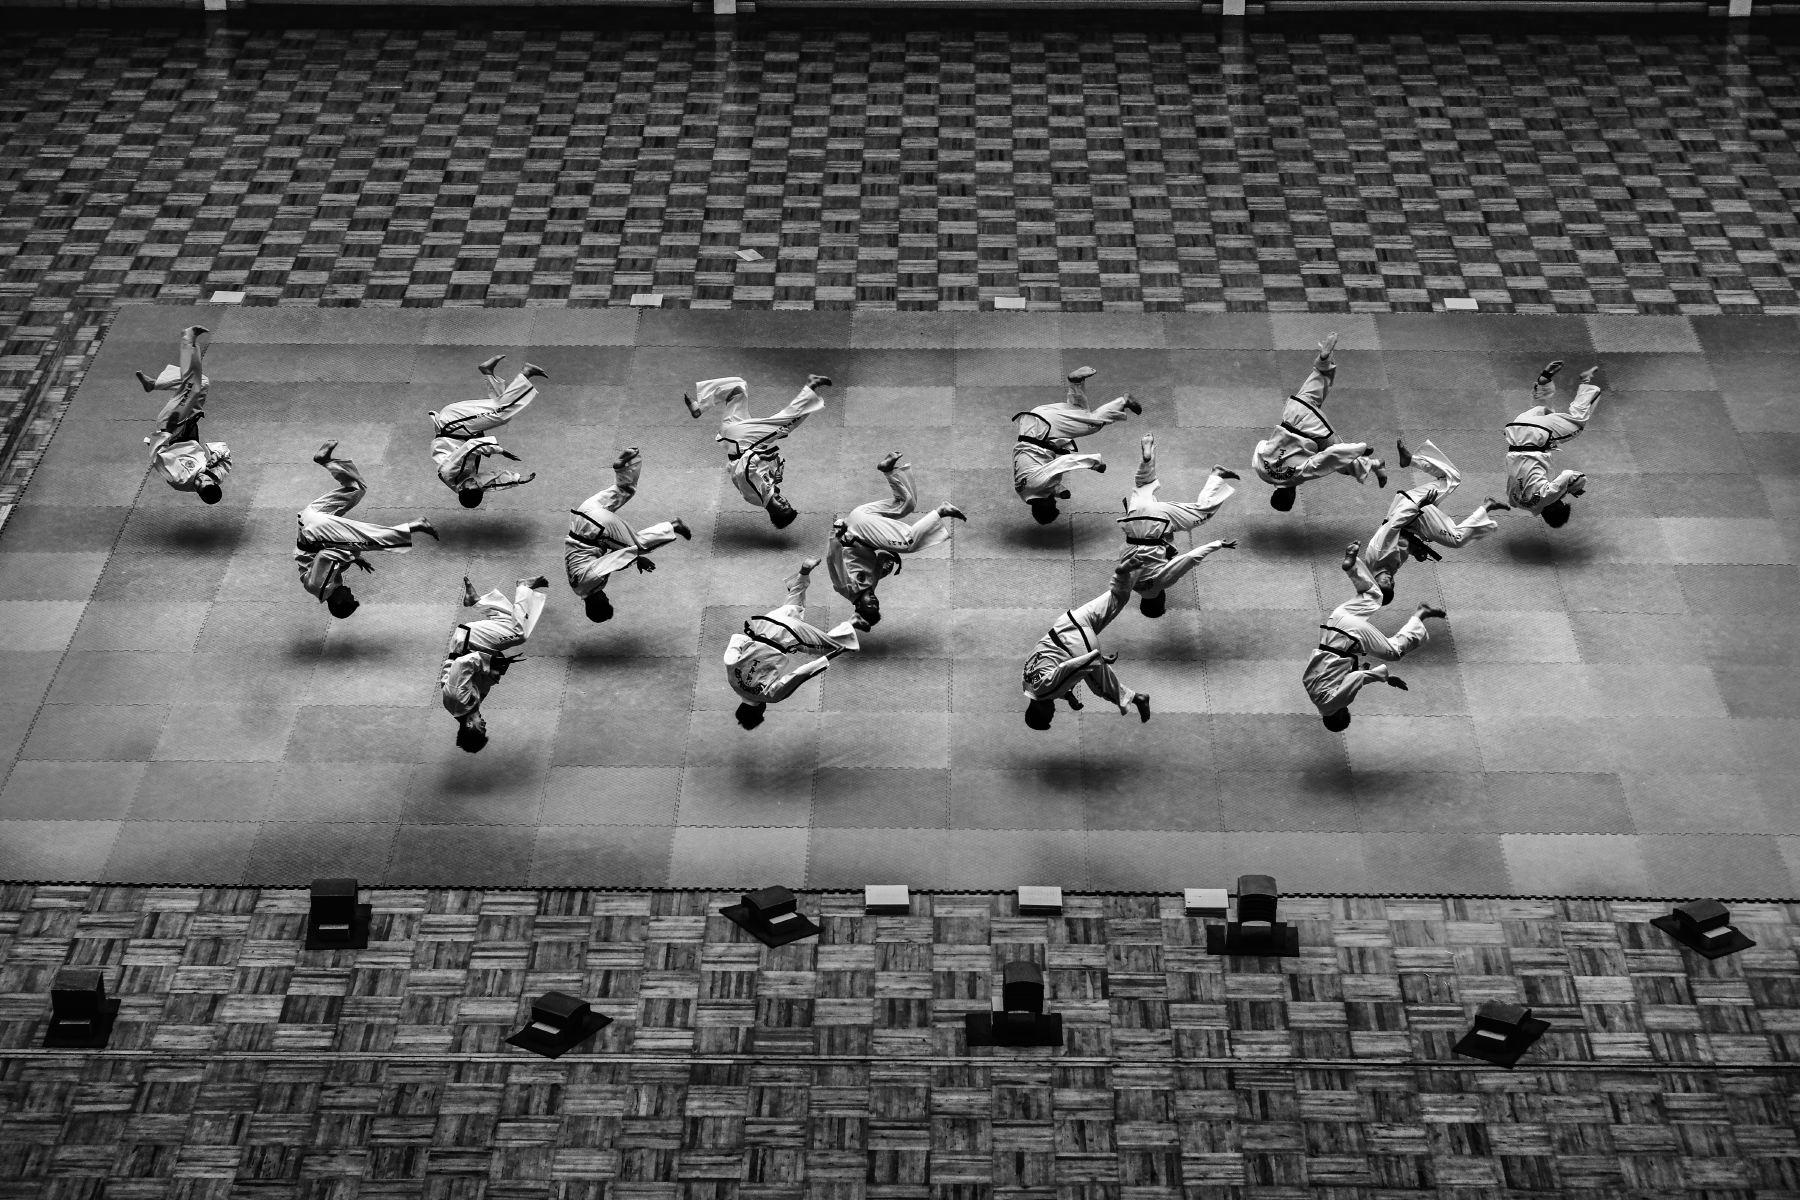 Alain_Schroeder_Taekwondo _North_Korea_Style_01.JPG